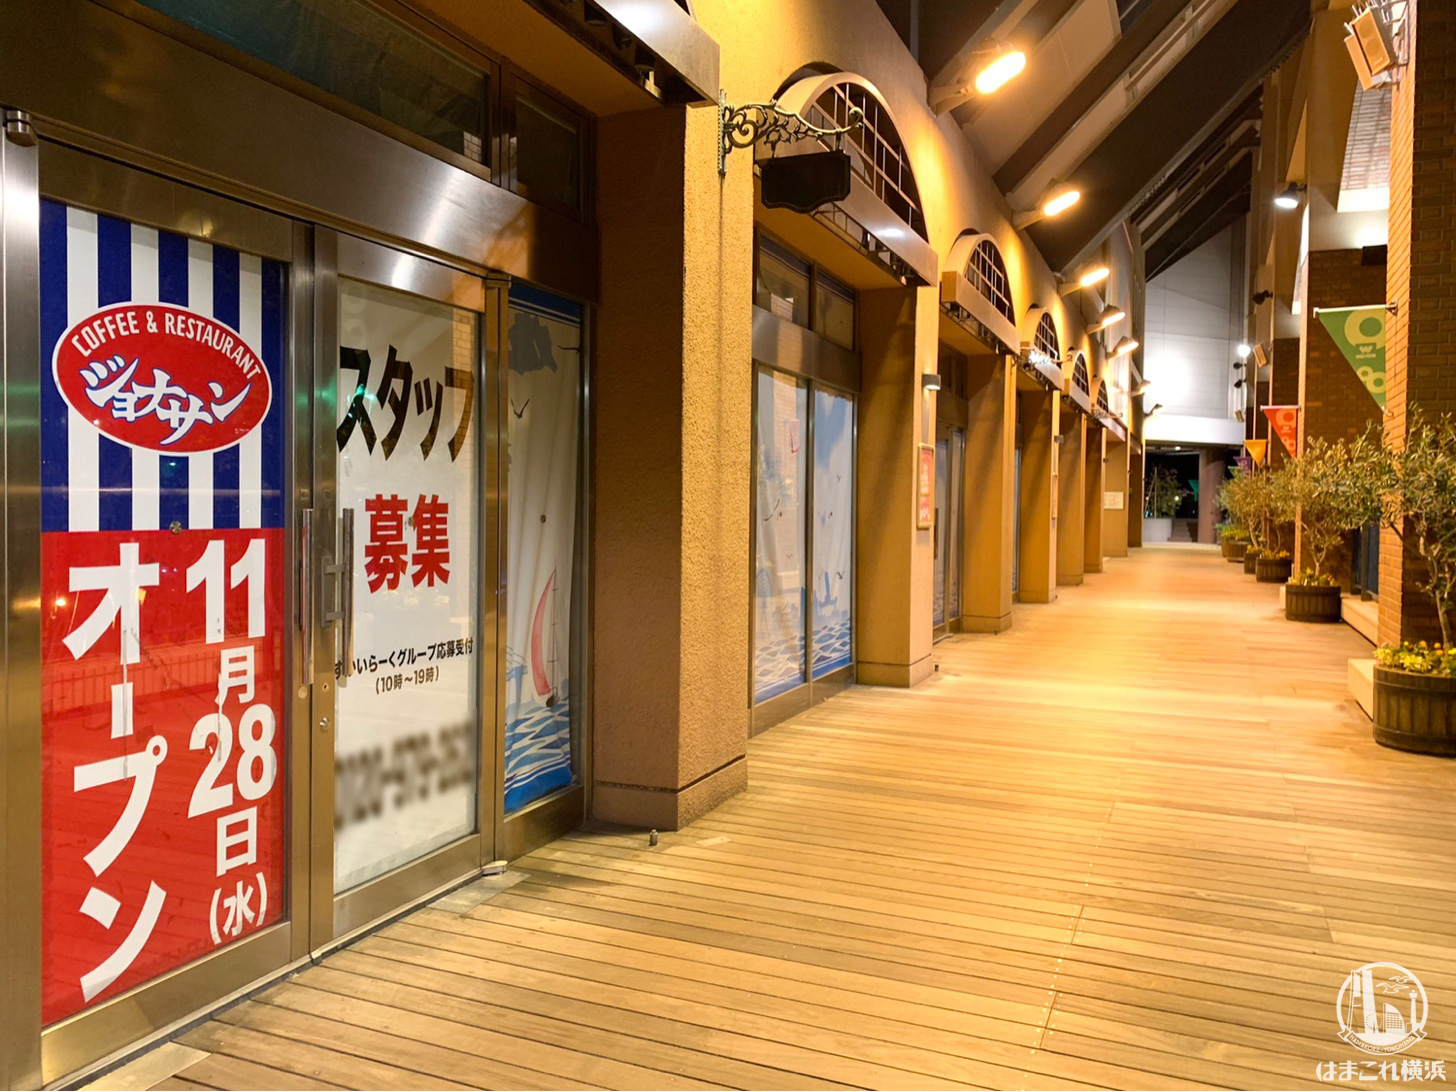 ジョナサン、横浜ワールドポーターズに11月28日オープン!